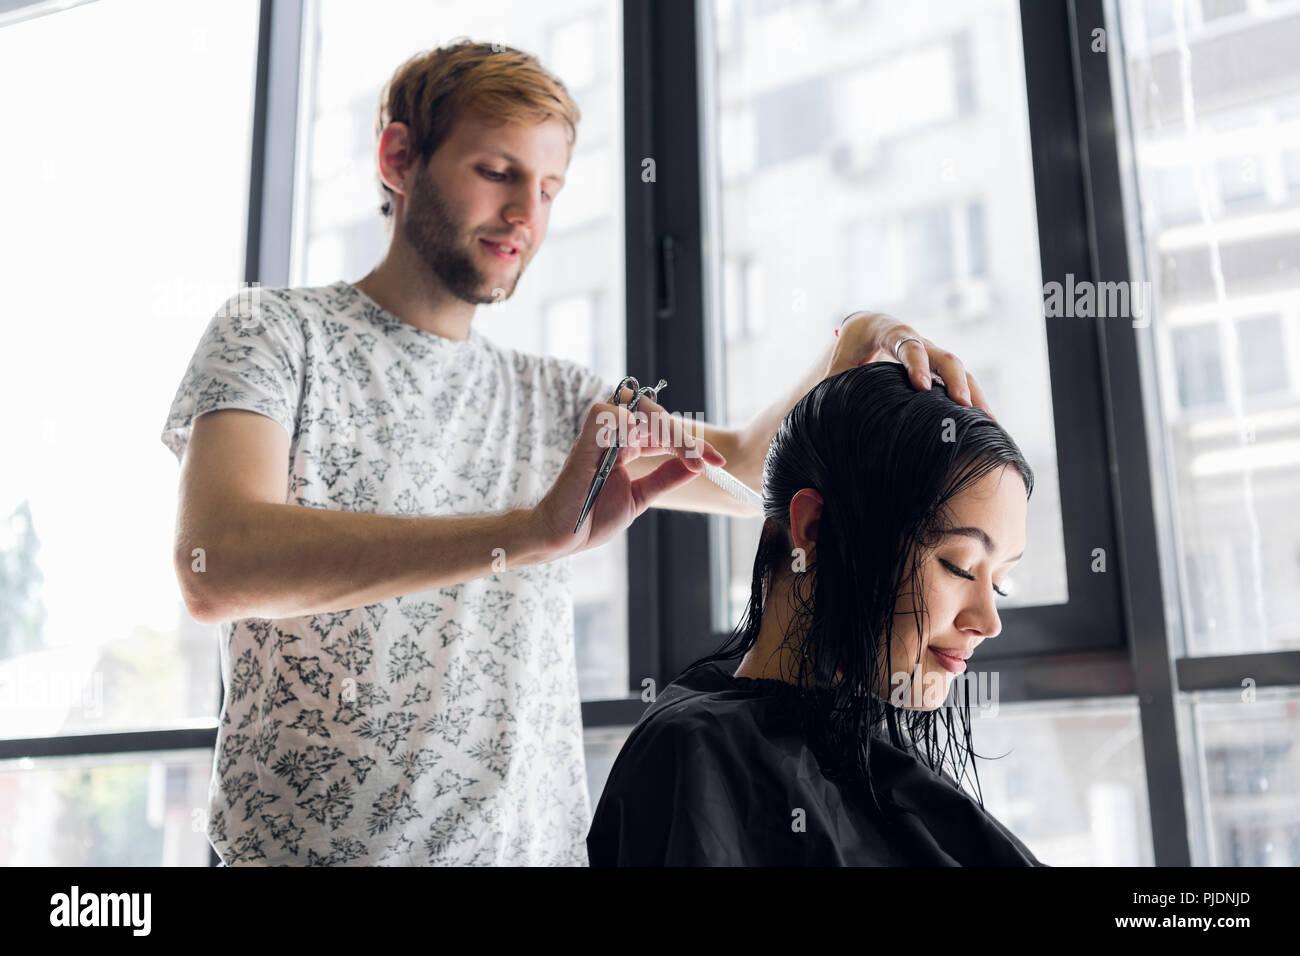 Peluquería el corte de cabello del cliente con tijeras de peluquería en primer plano. Usando un peine Imagen De Stock